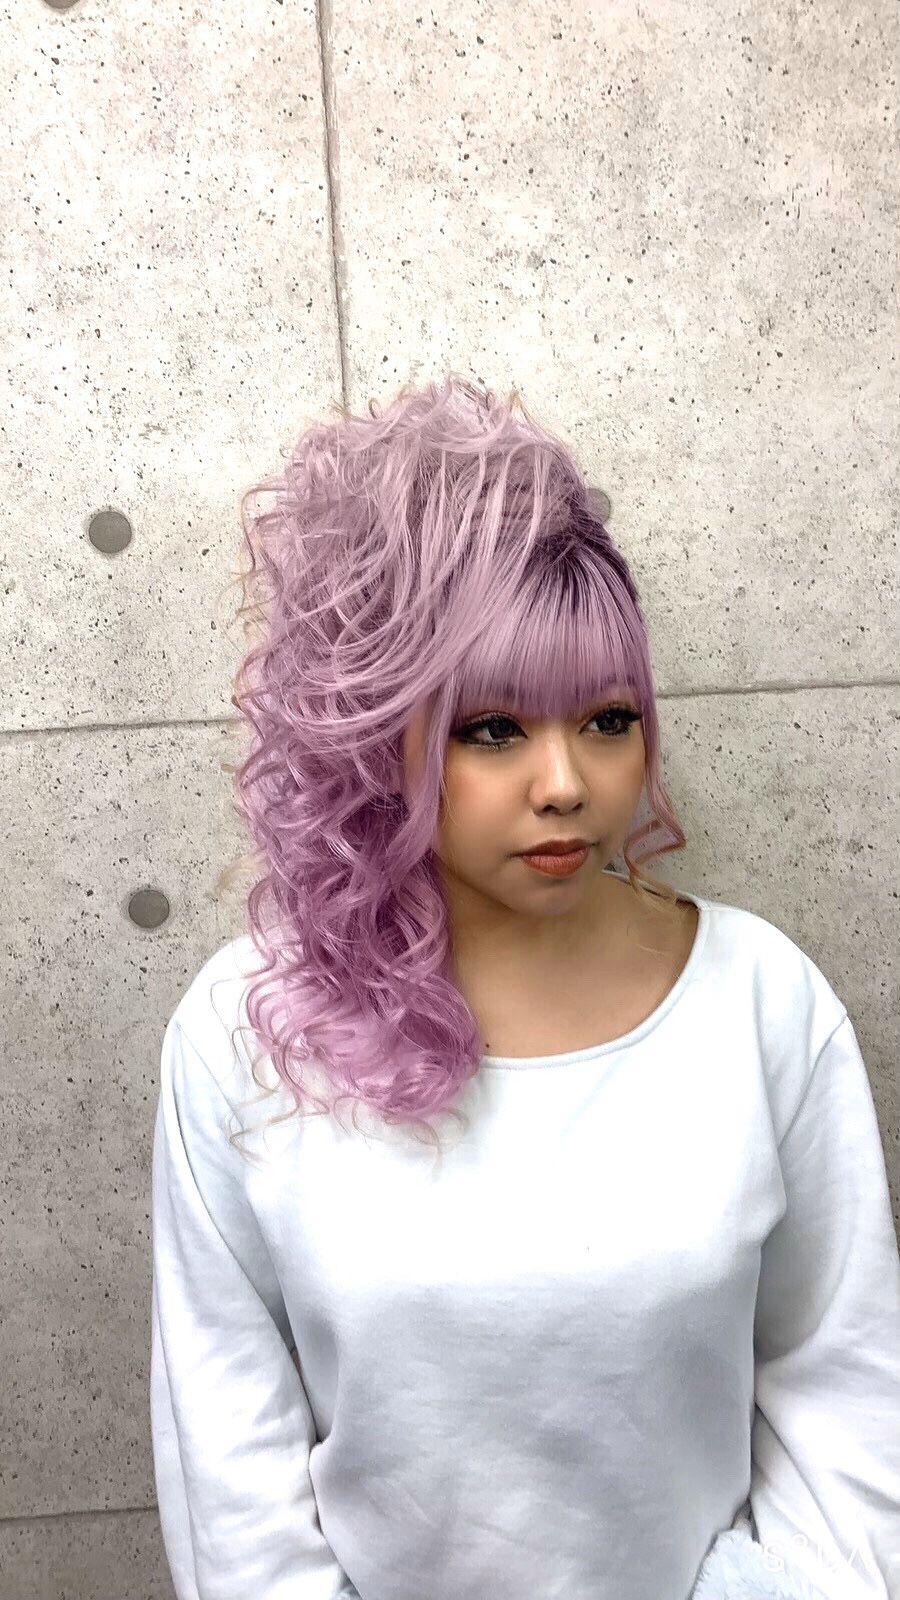 盛り髪 サイドアップ 小悪魔アゲハ Hairstyles 髪 サイド 盛り 髪 ヘアスタイリング